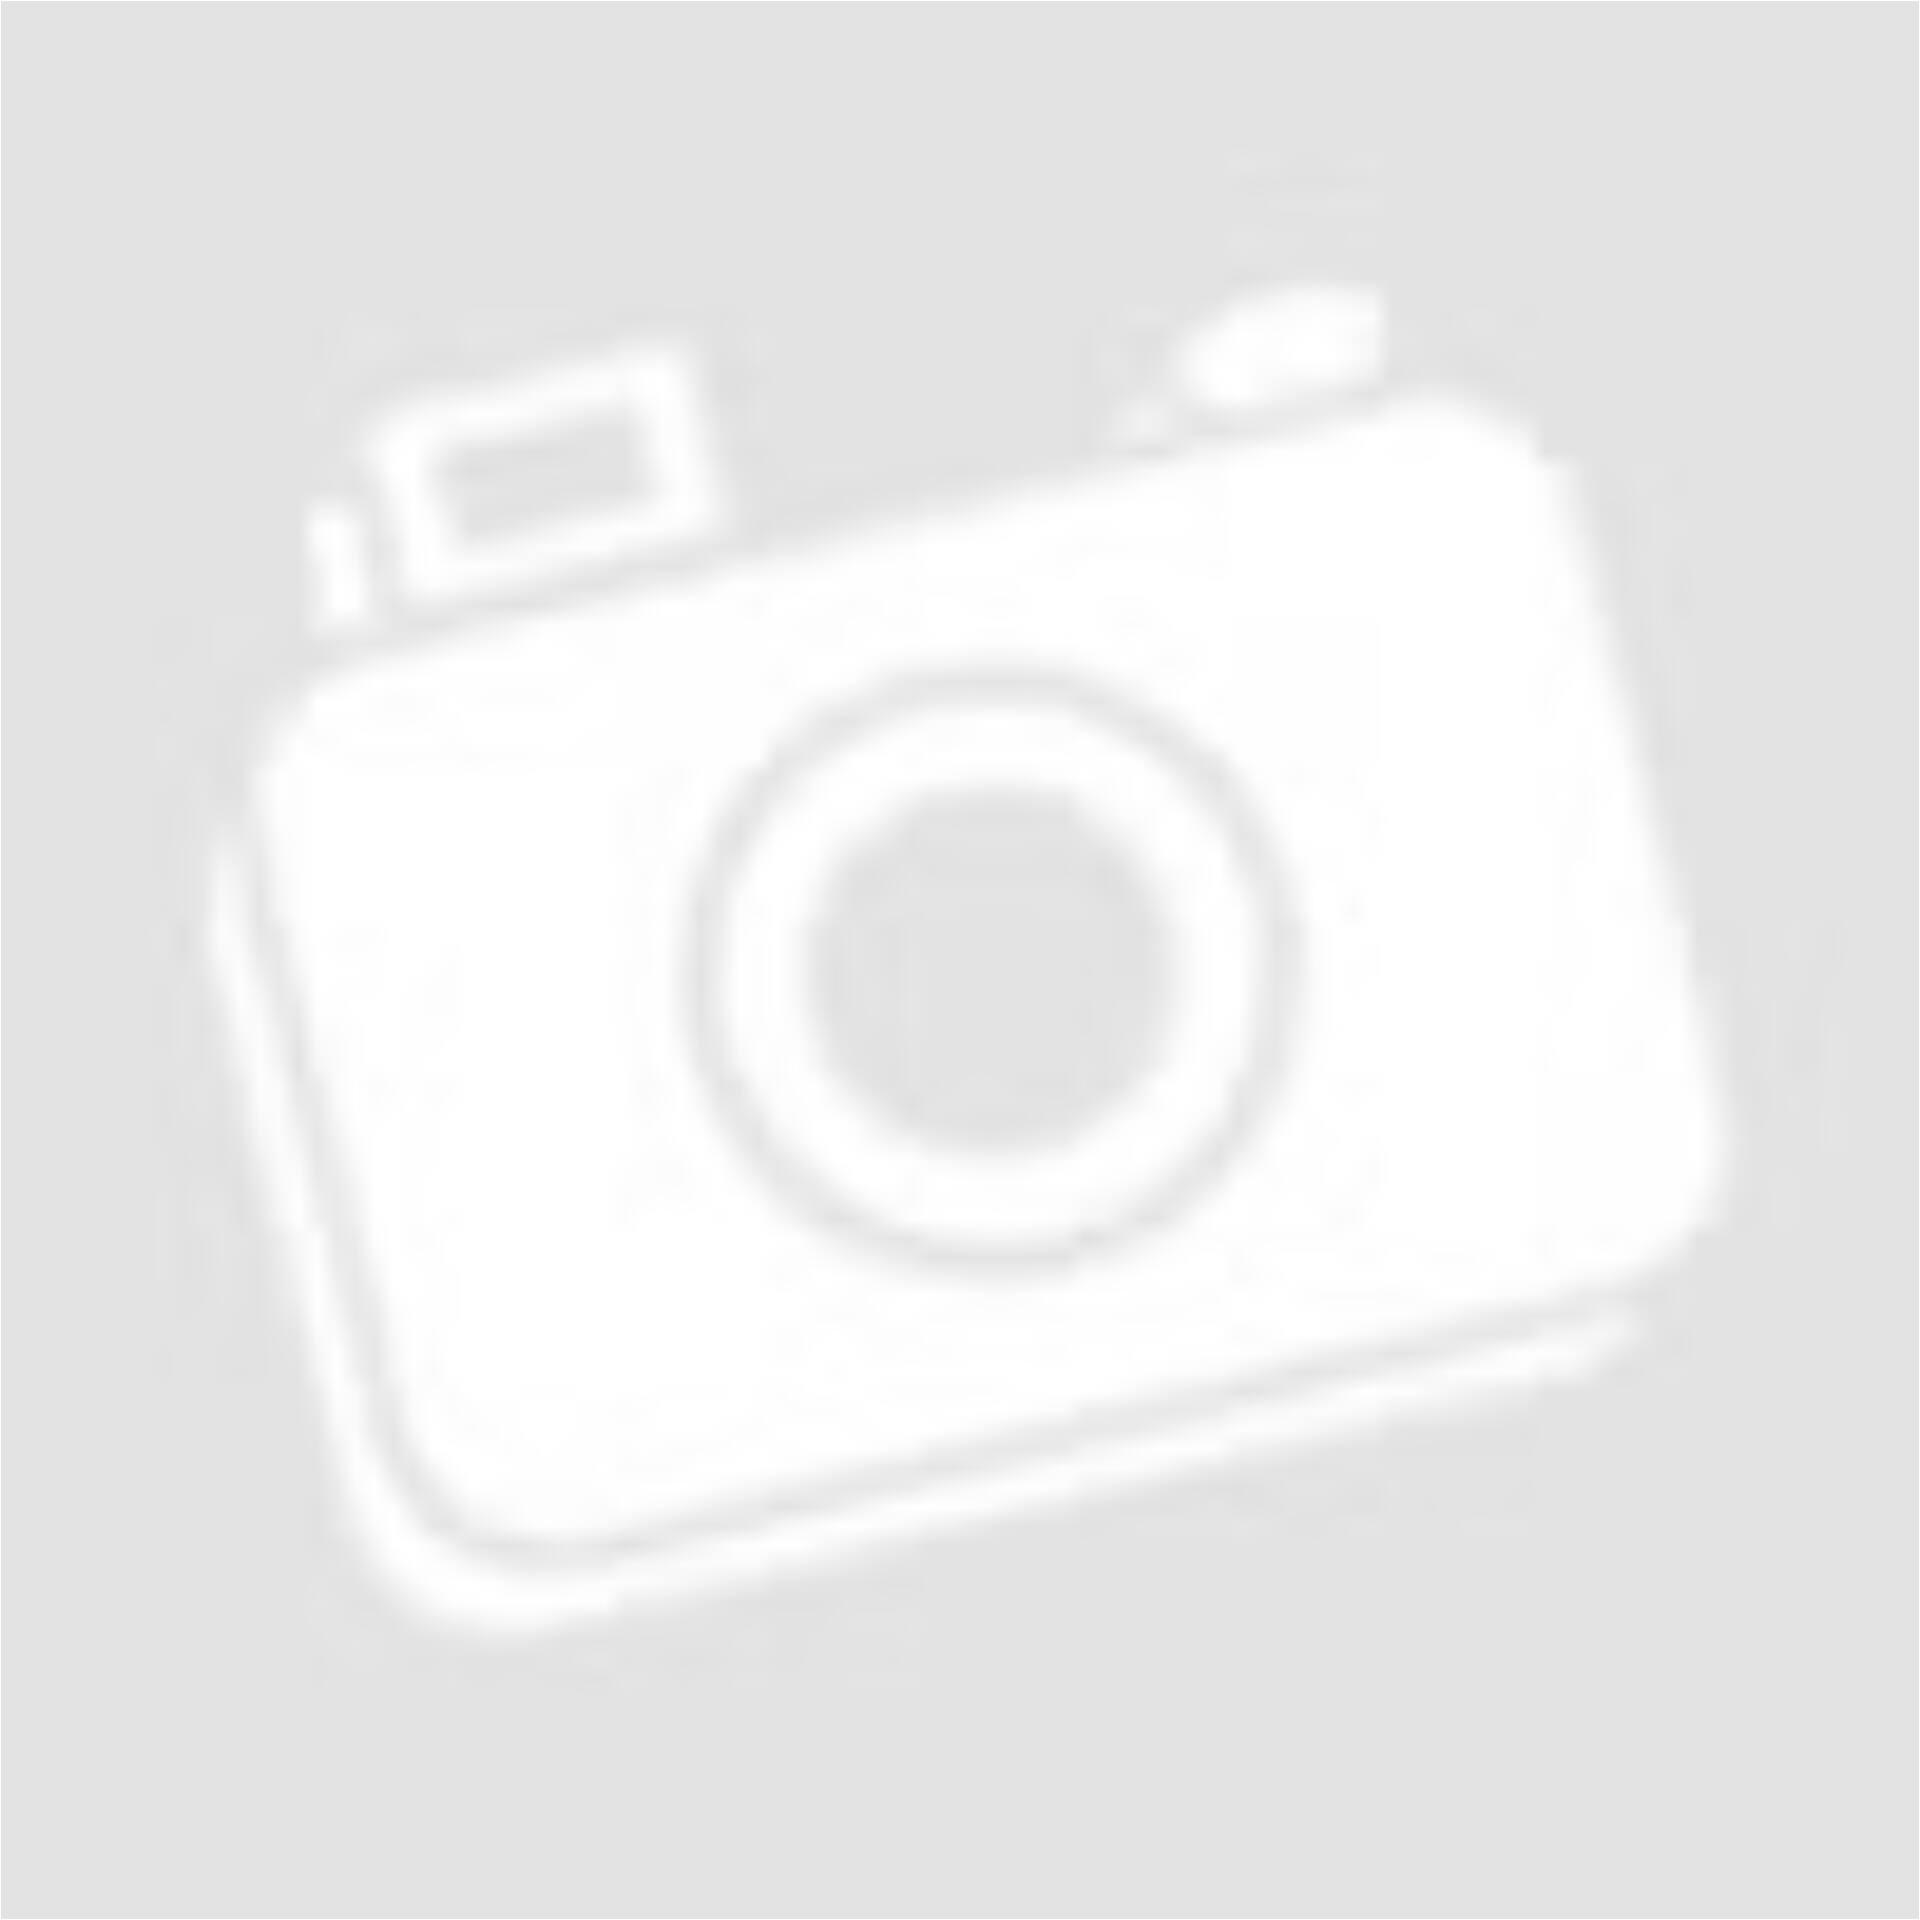 Memory   Co leopárd mintás ruha (Méret  M) - Női ruha - Öltözz ki ... 0a8aebf833